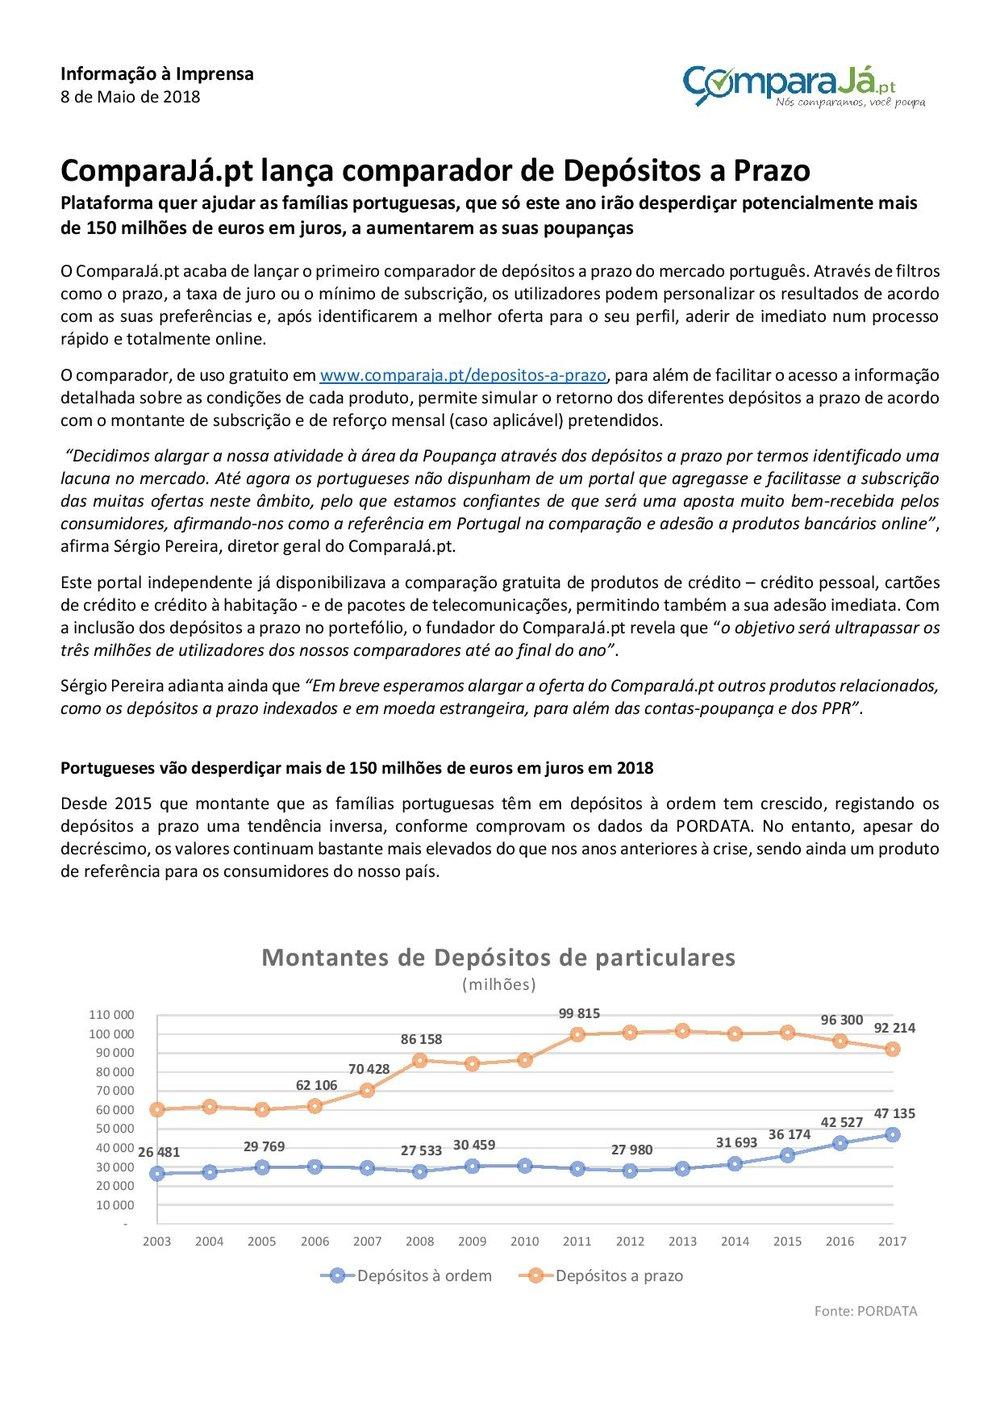 Press Release - Lançamento Depósitos a Prazo ComparaJá.pt-page-001.jpg